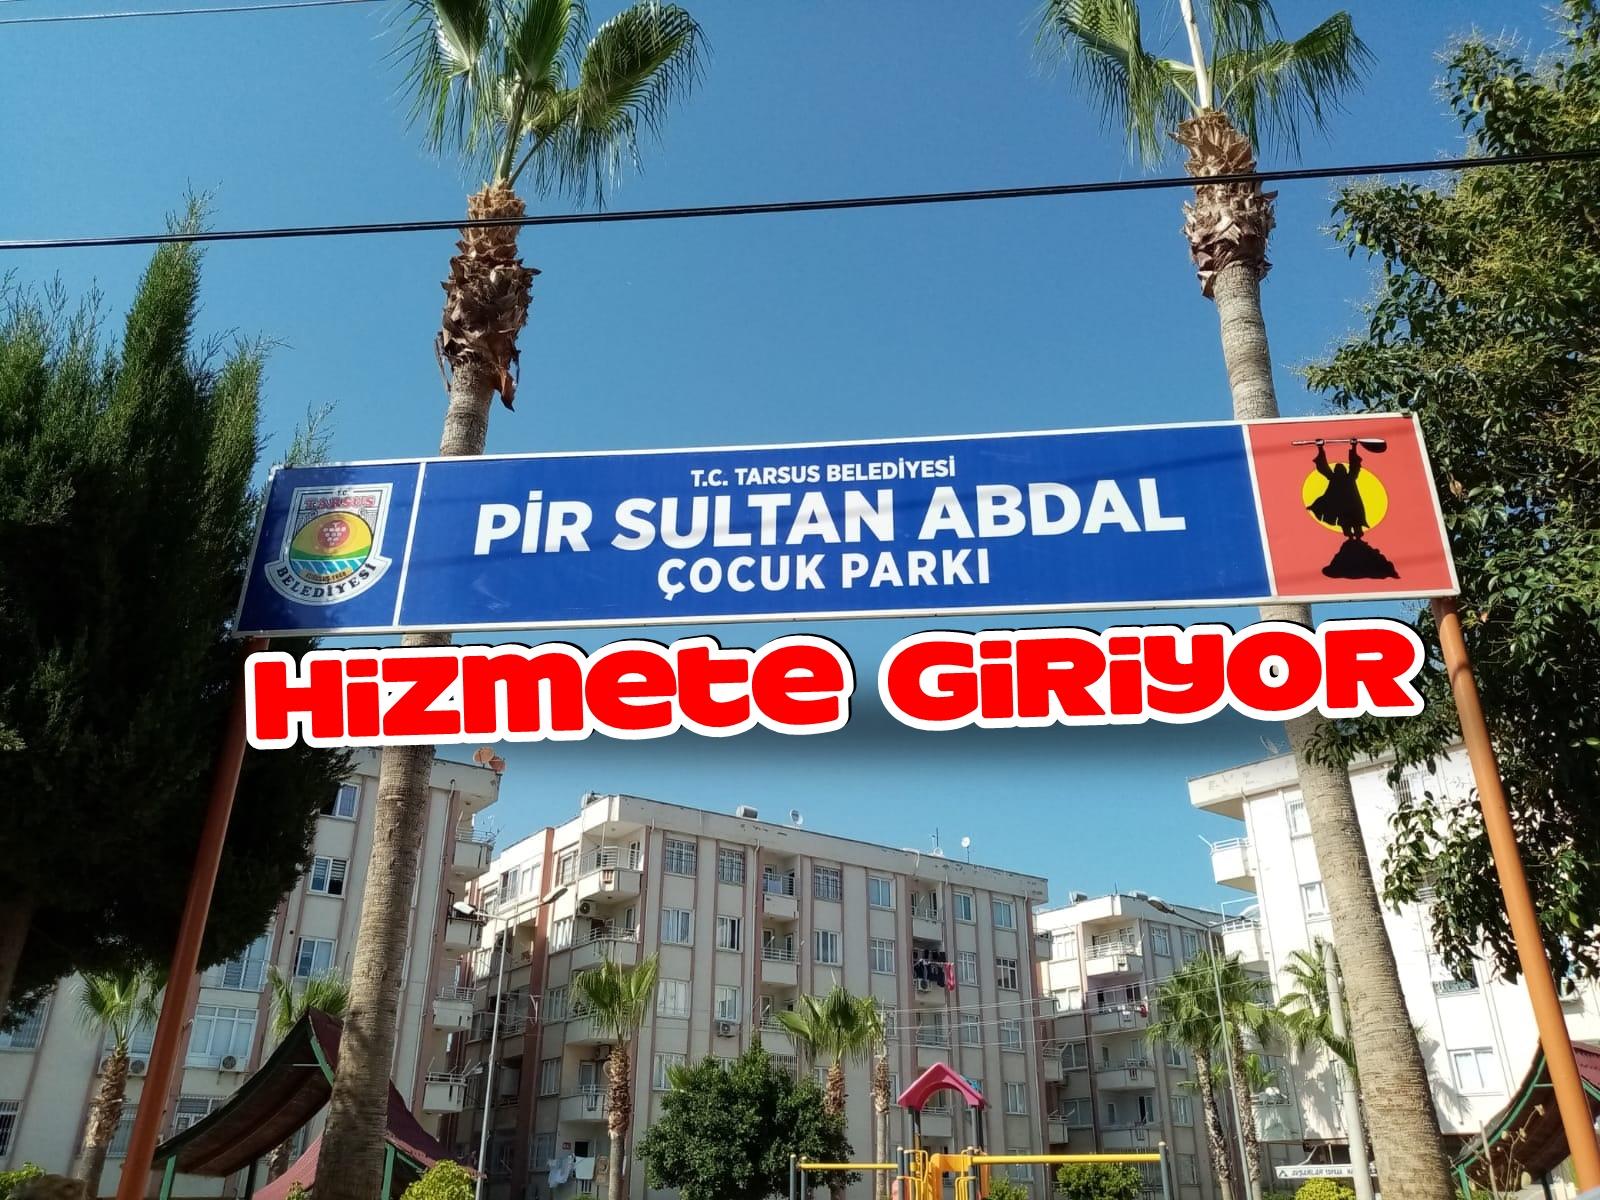 Pir Sultan Abdal Çocuk Parkı hizmete giriyor